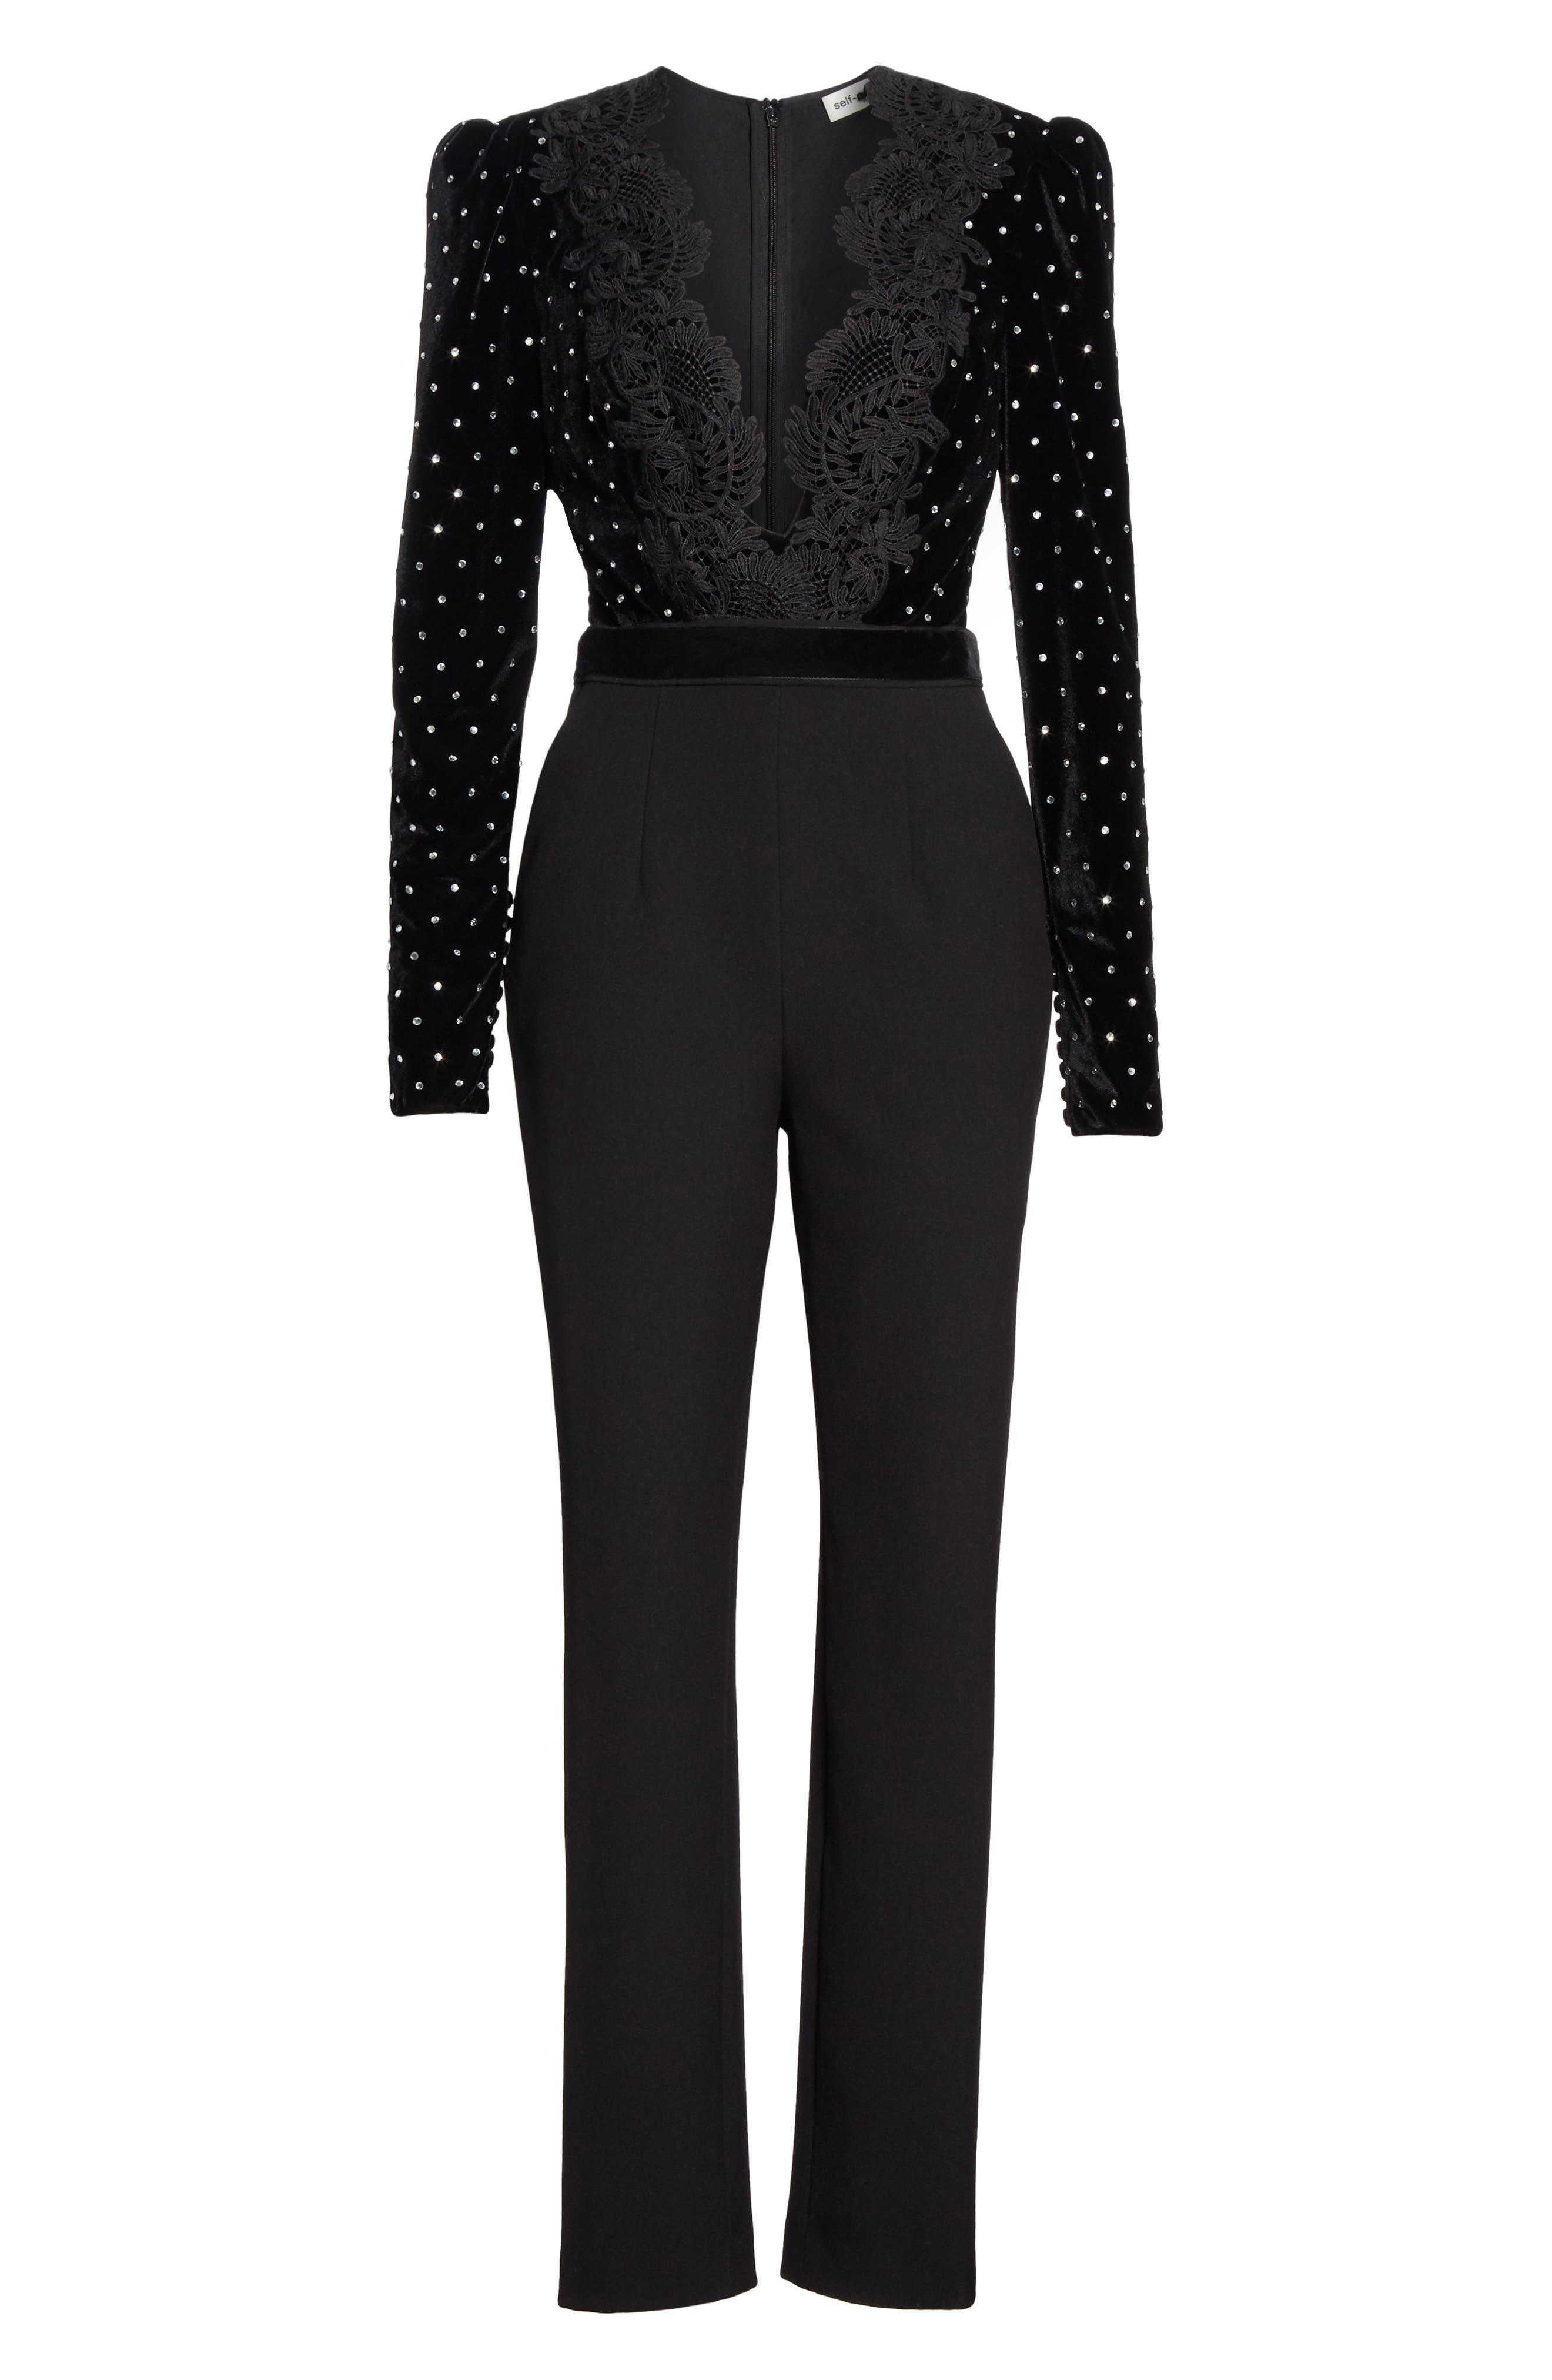 SELF-PORTRAIT, Lace Trim Velvet Diamante Jumpsuit, Alternate thumbnail 6, color, BLACK